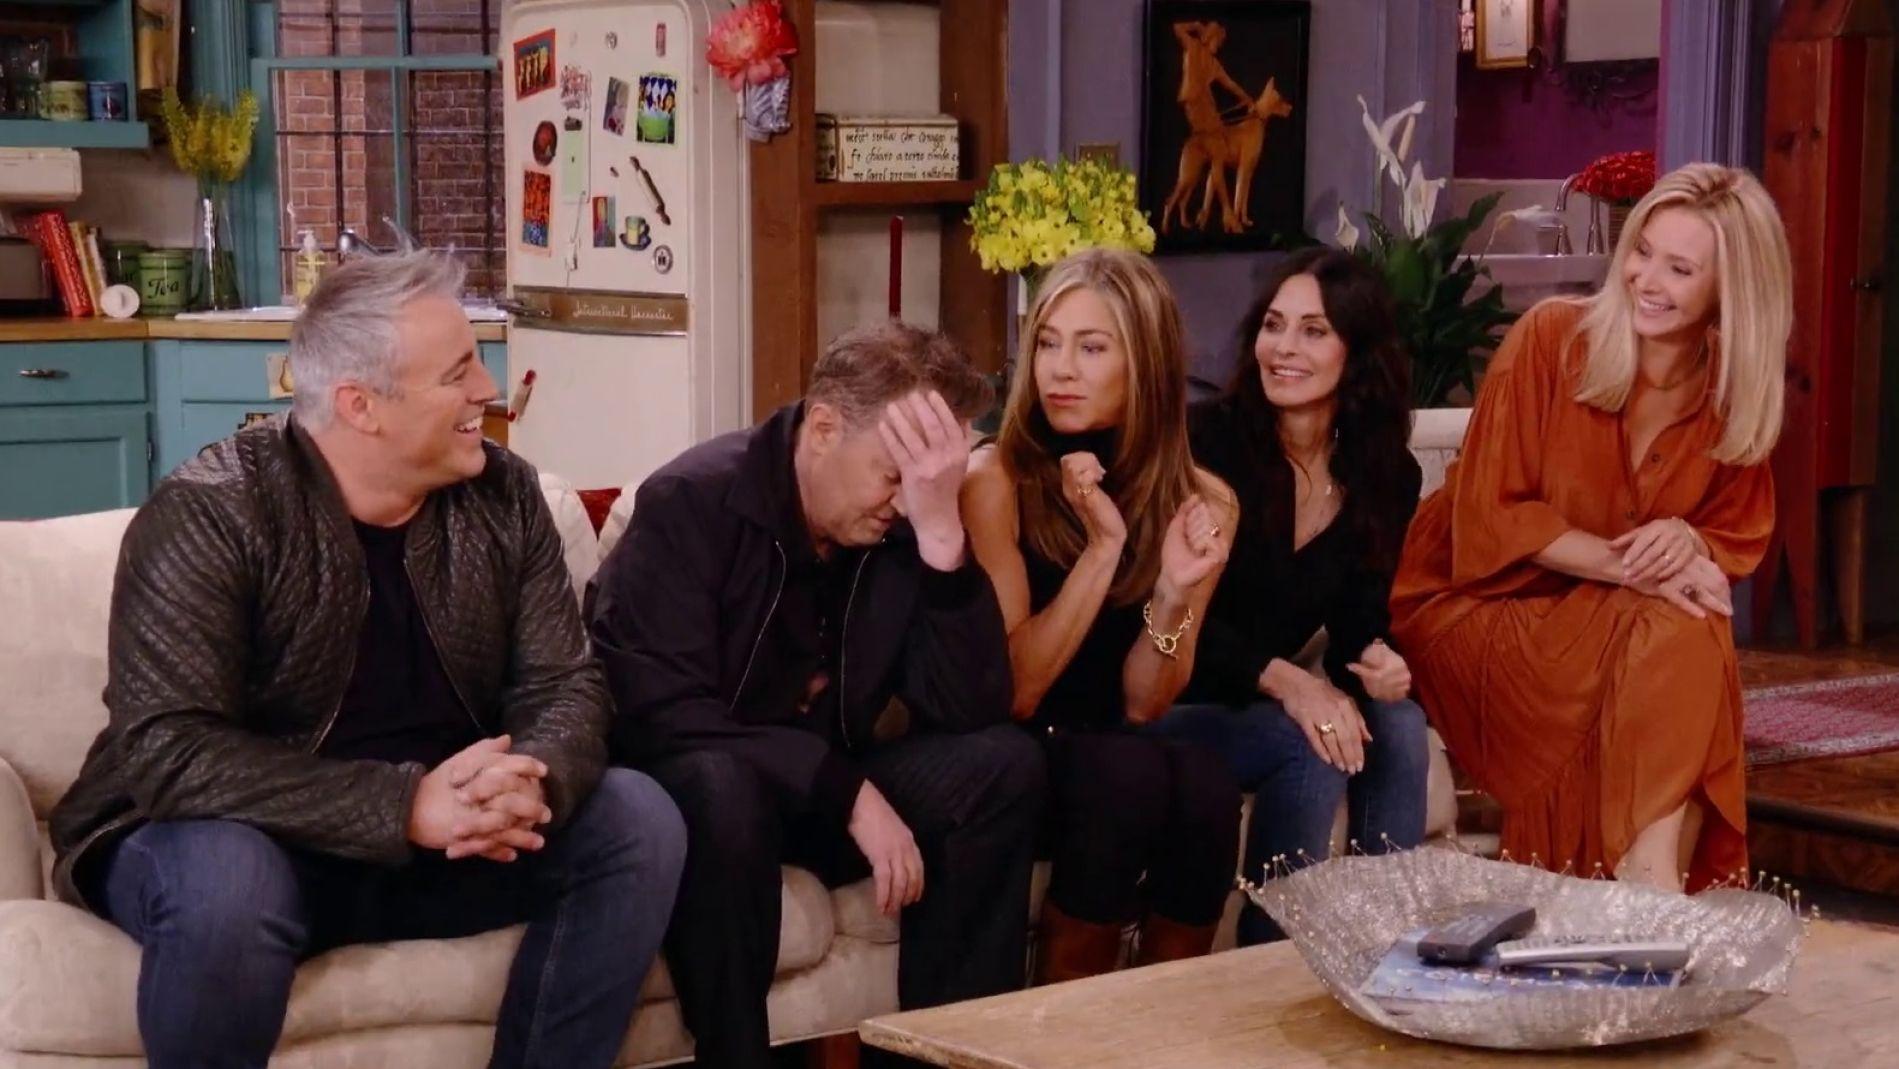 Los 6 mejores momentos de la esperada reunión de Friends